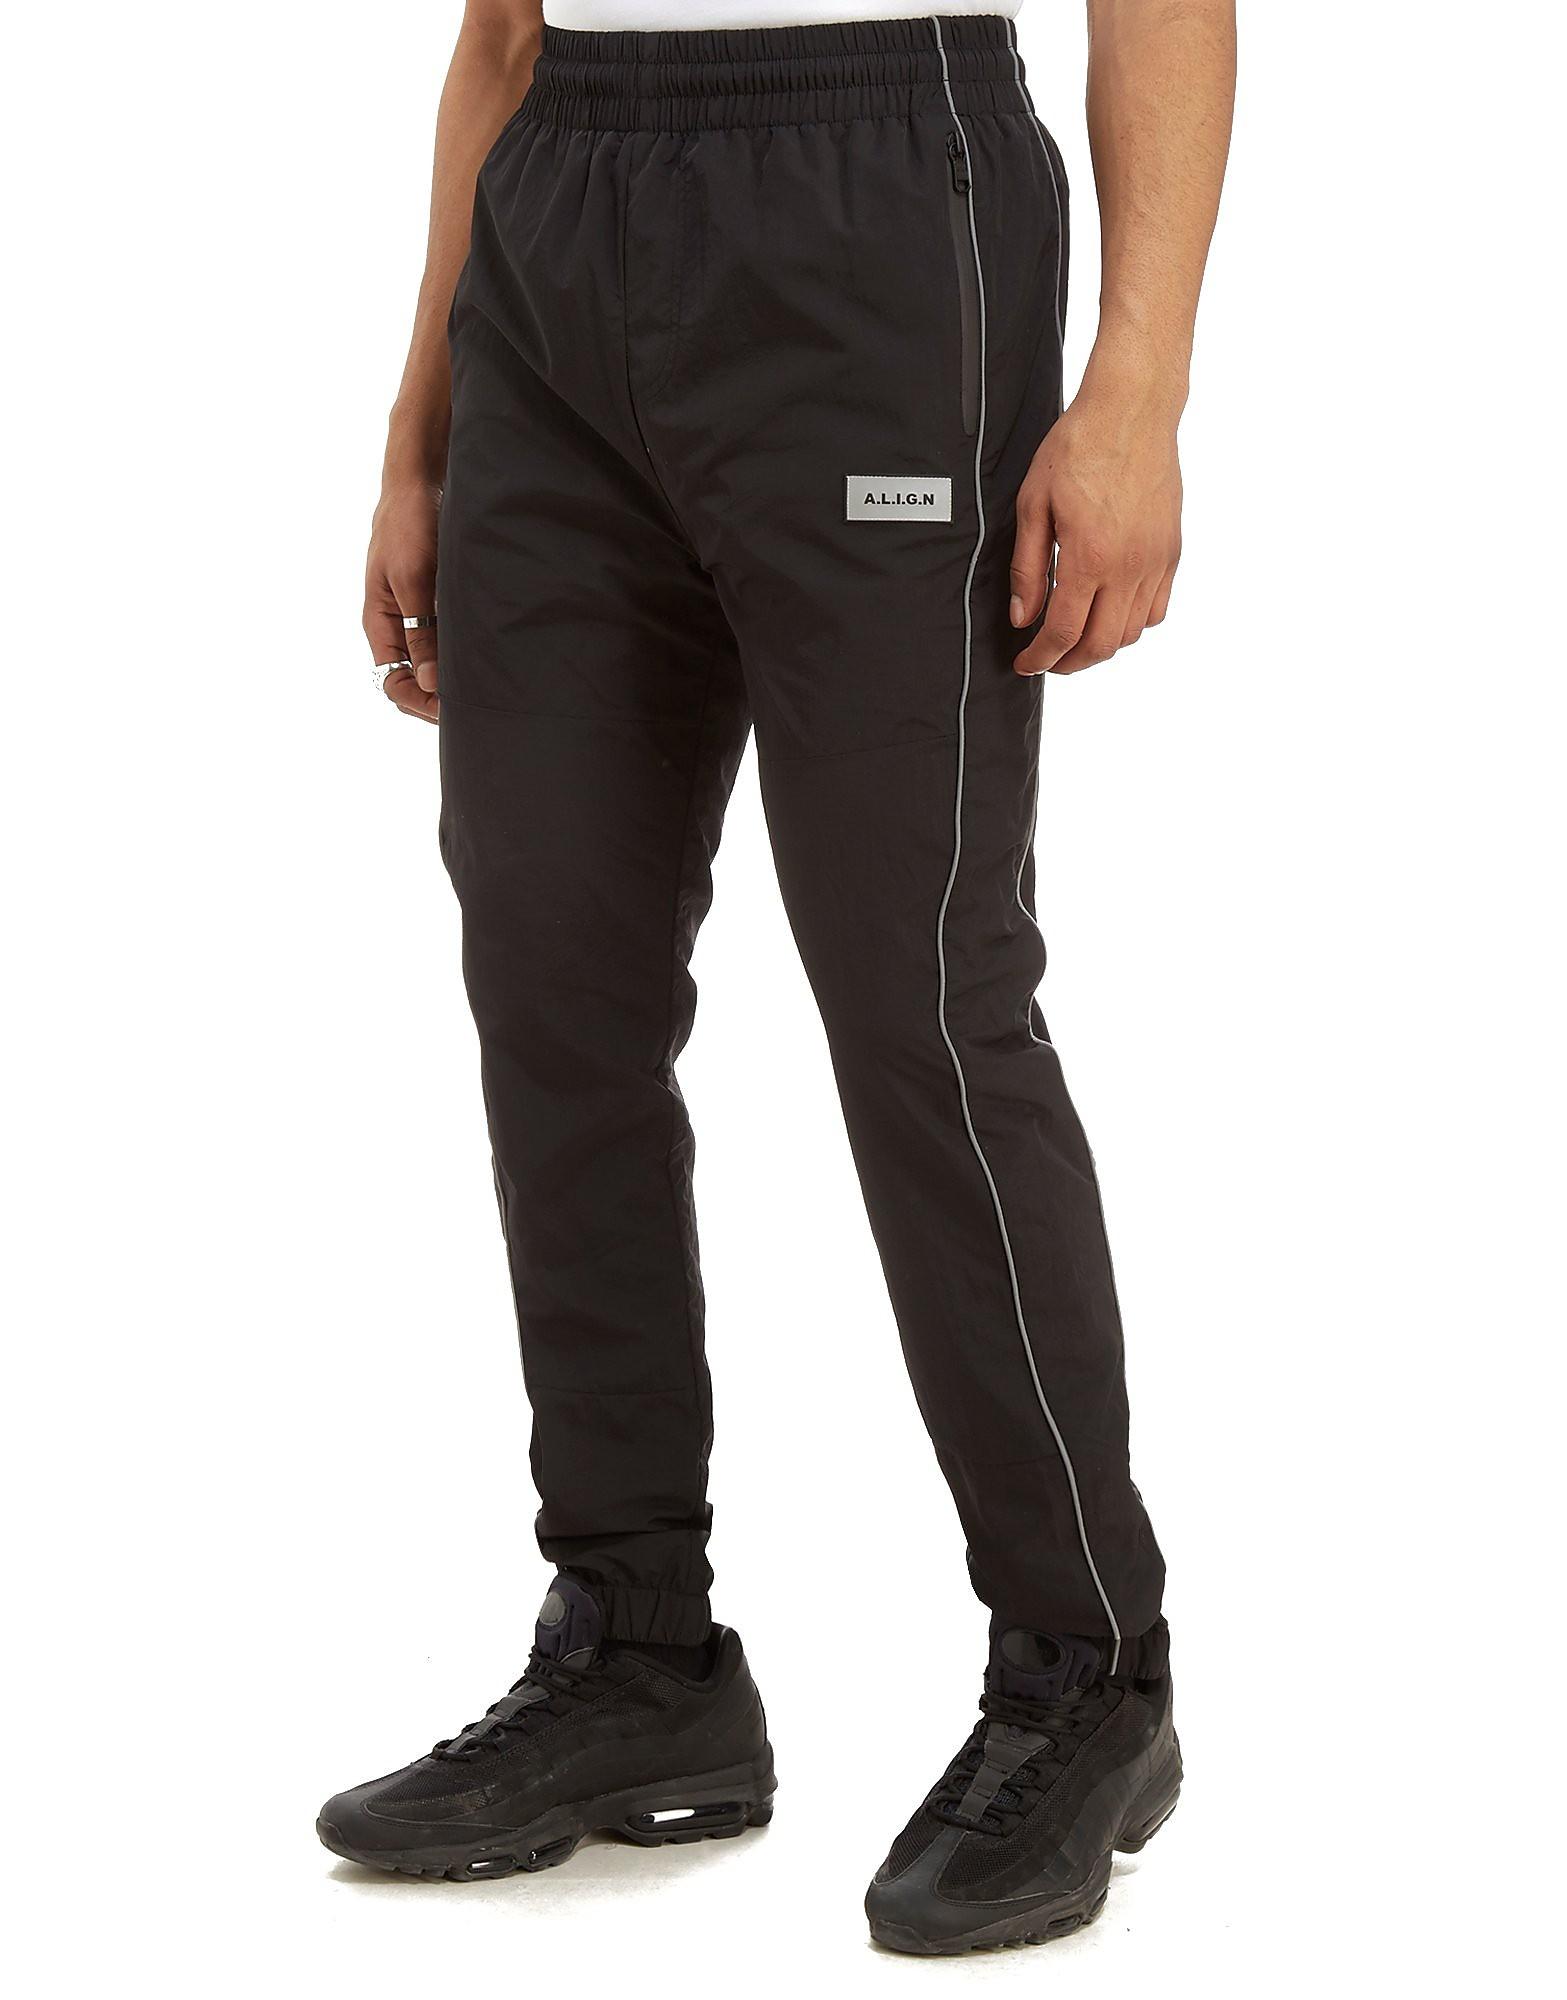 Align Pantalon de survêtement Glider Woven Homme - Noir, Noir